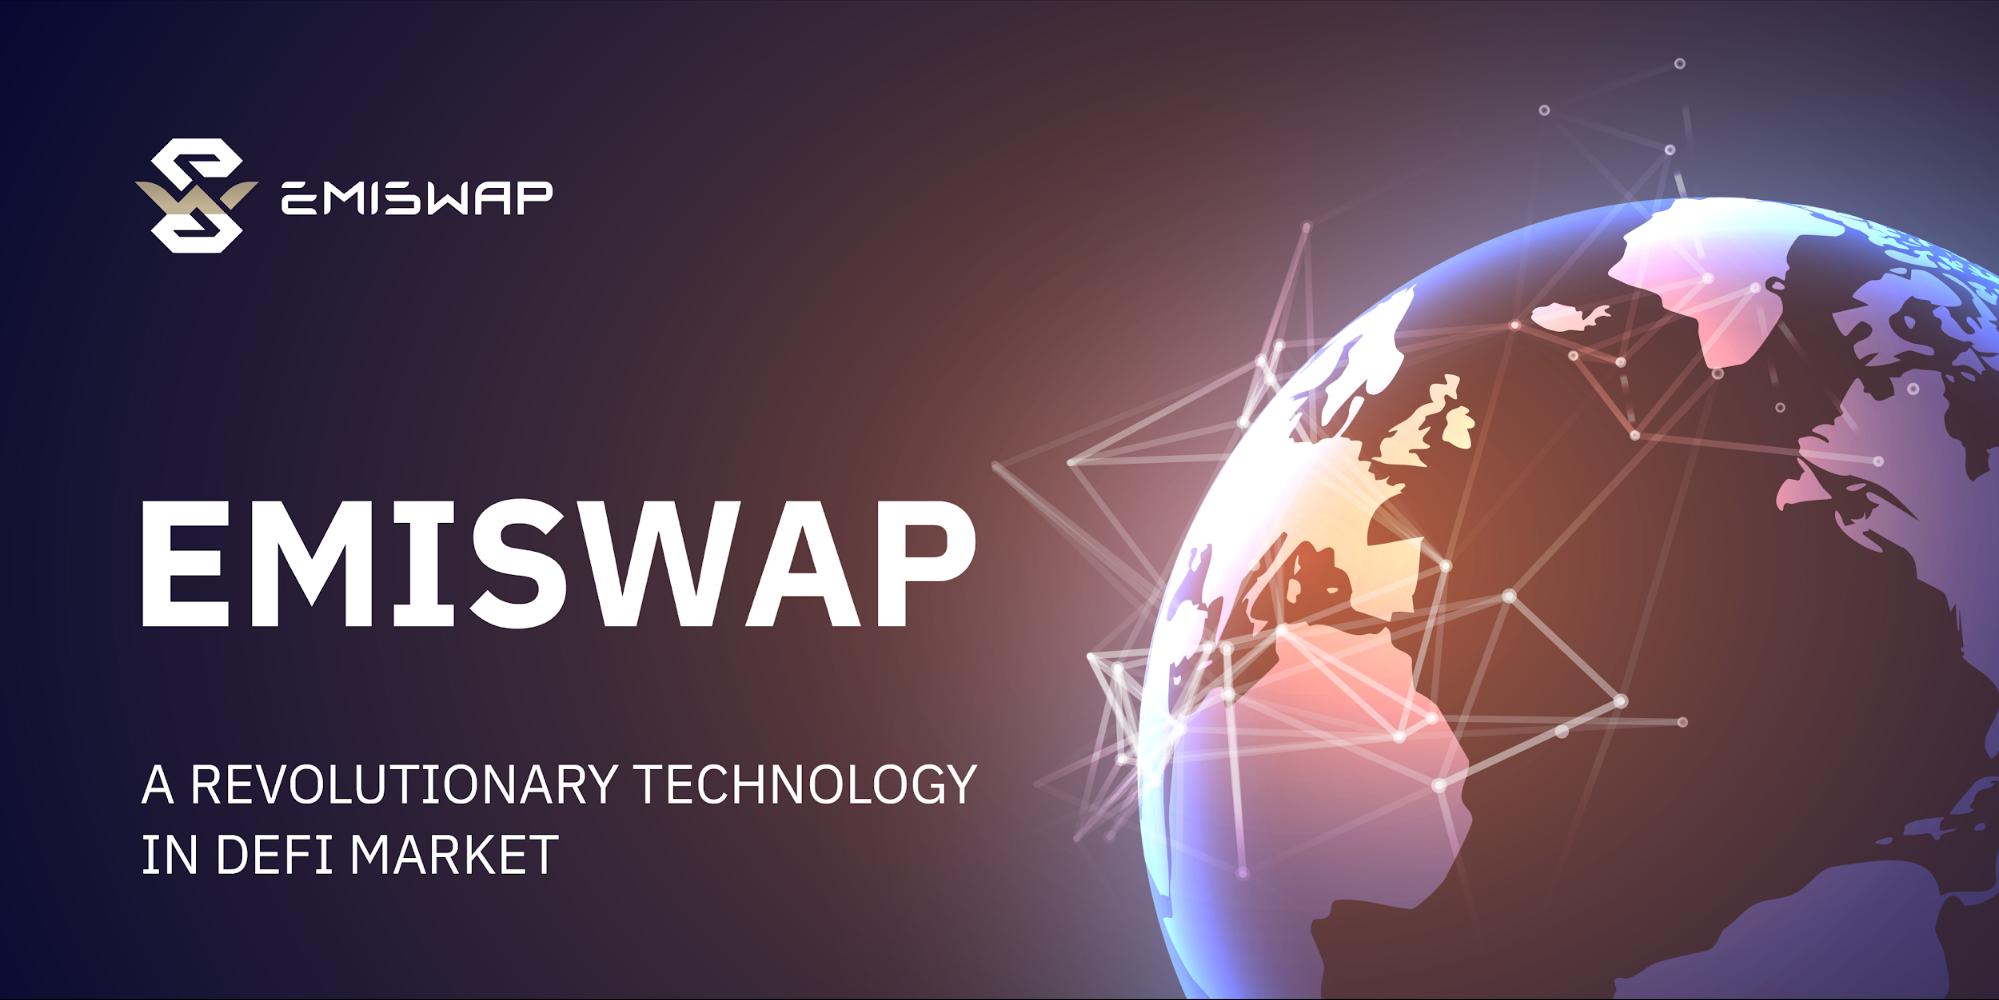 EmiSwap Launches Revolutionary DEX Supplemented by Unique NFT Mechanics